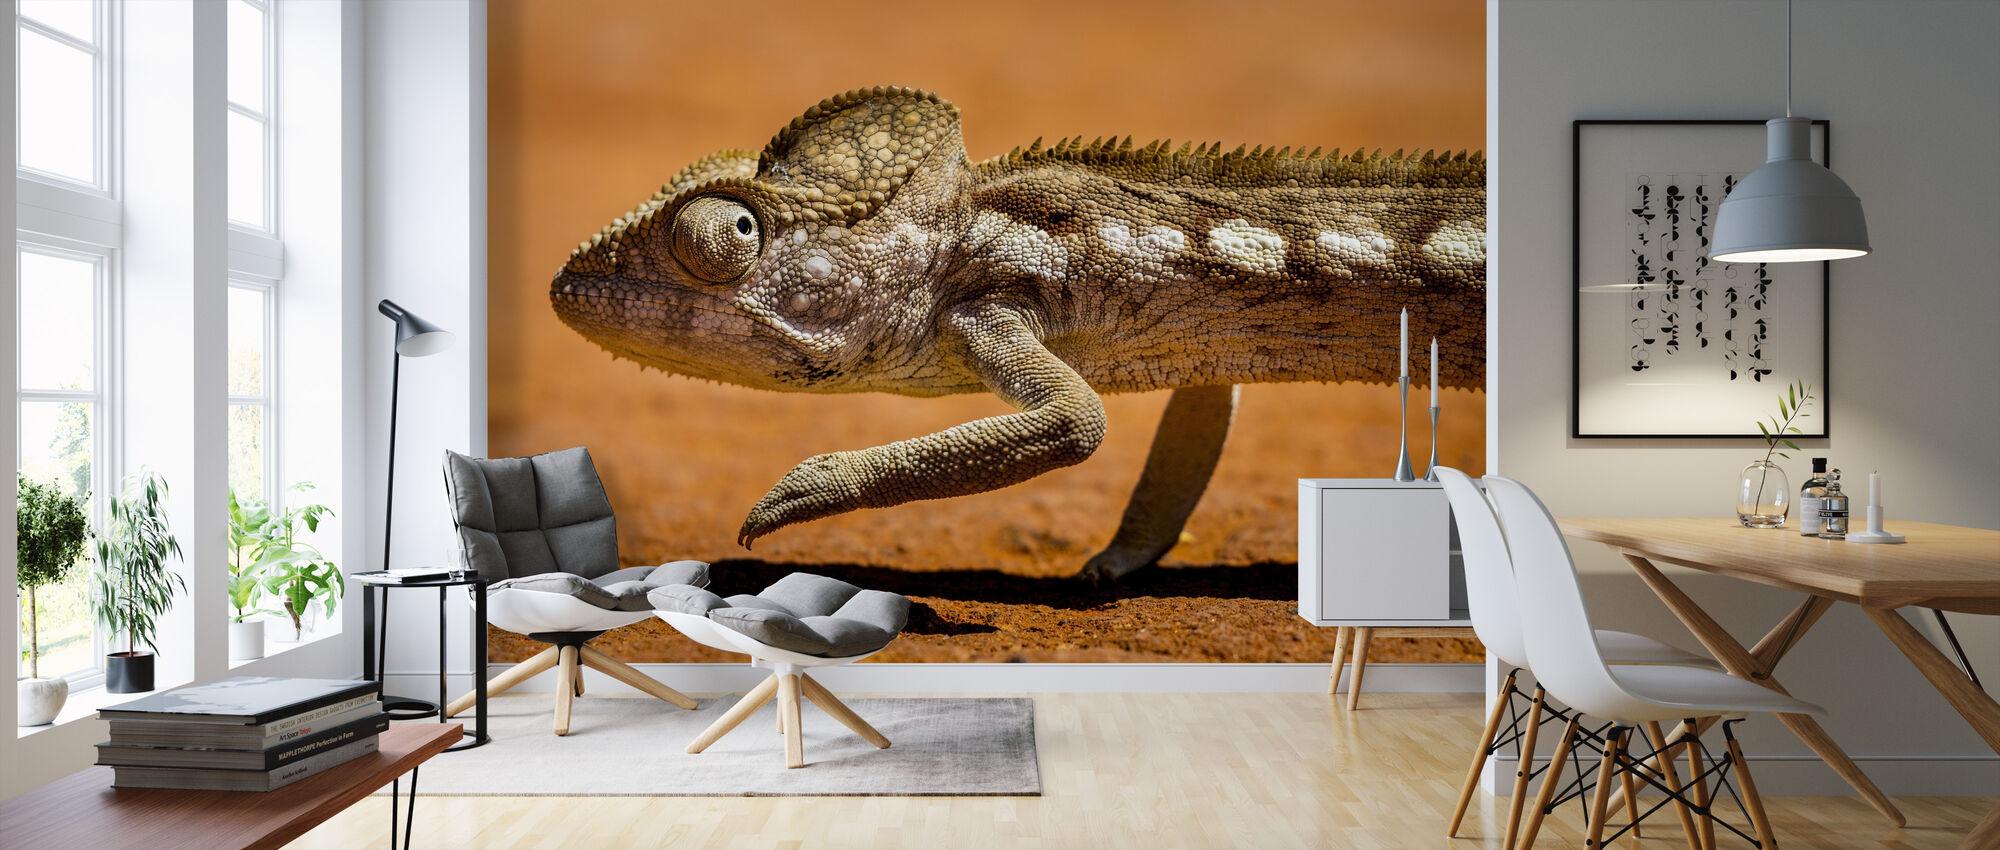 Chameleon III - Wallpaper - Living Room